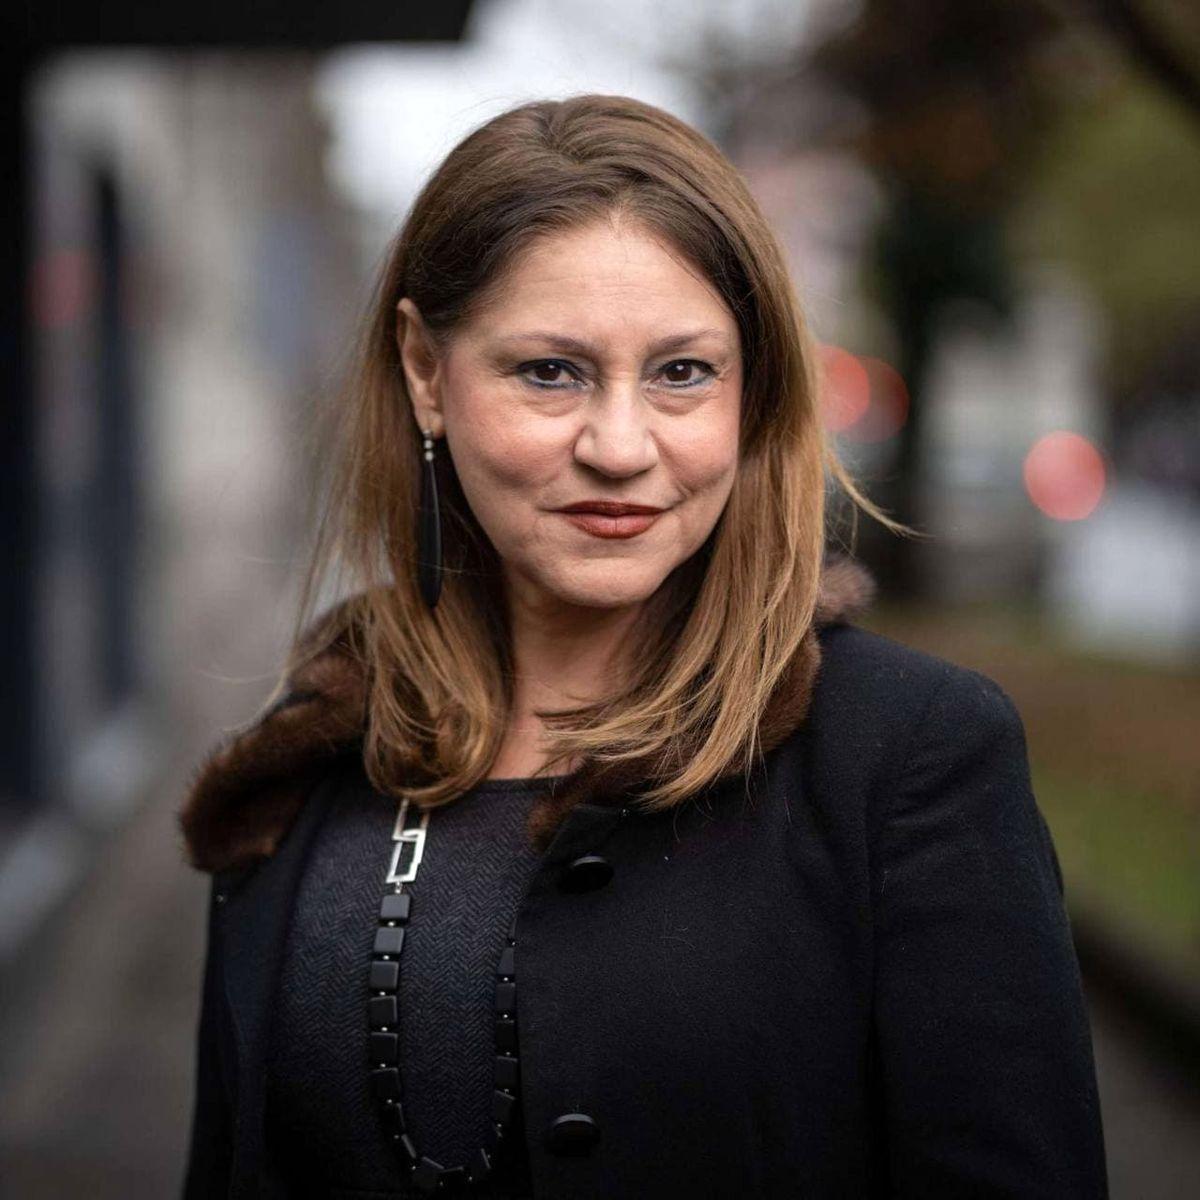 یک زن ایرانی شهردار فرانکفورت شد + عکس